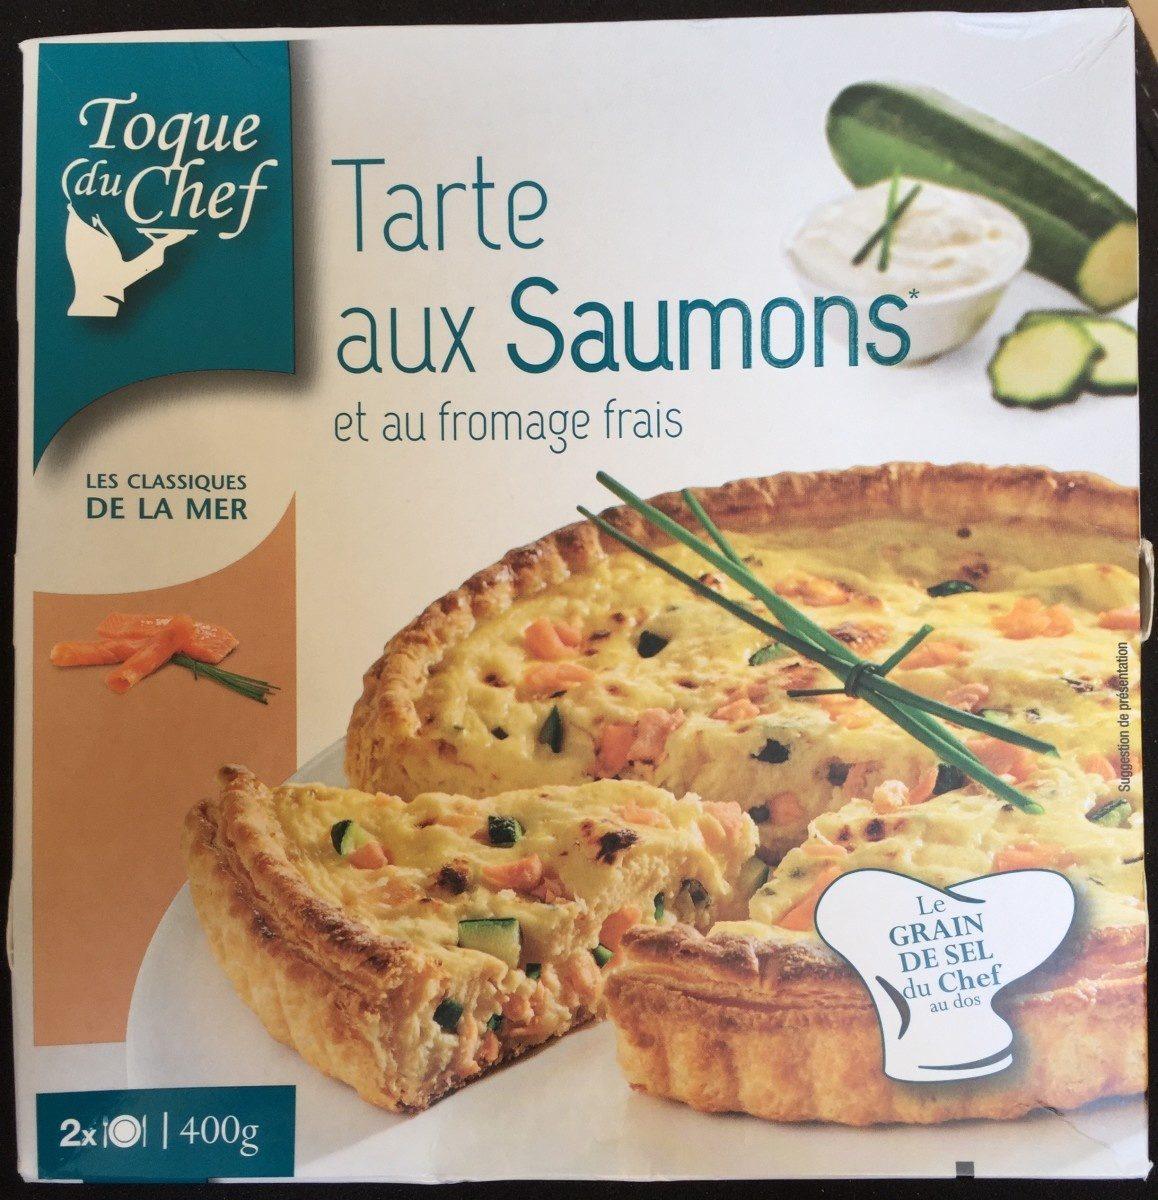 Tarte saumon et au fromage frais - Produit - fr